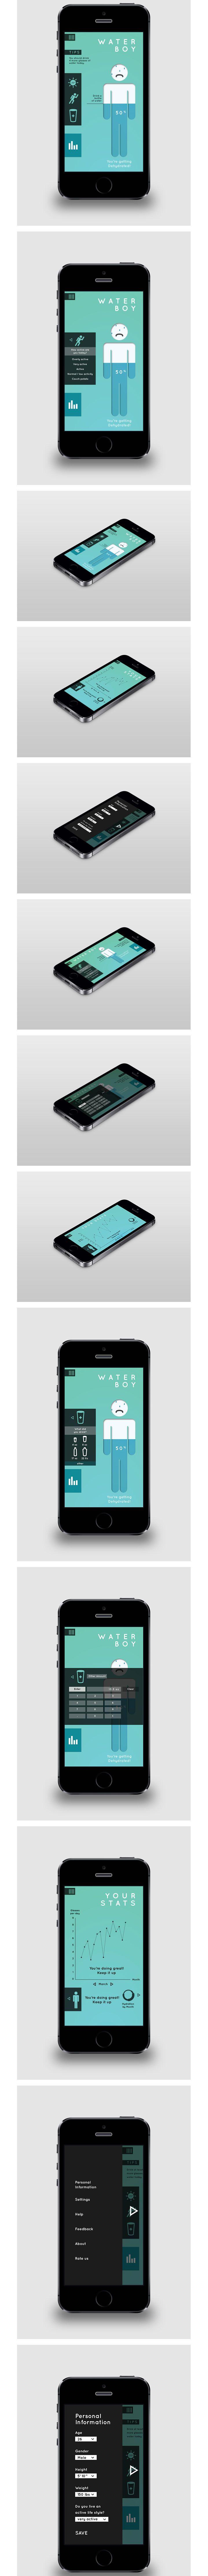 Water Boy app